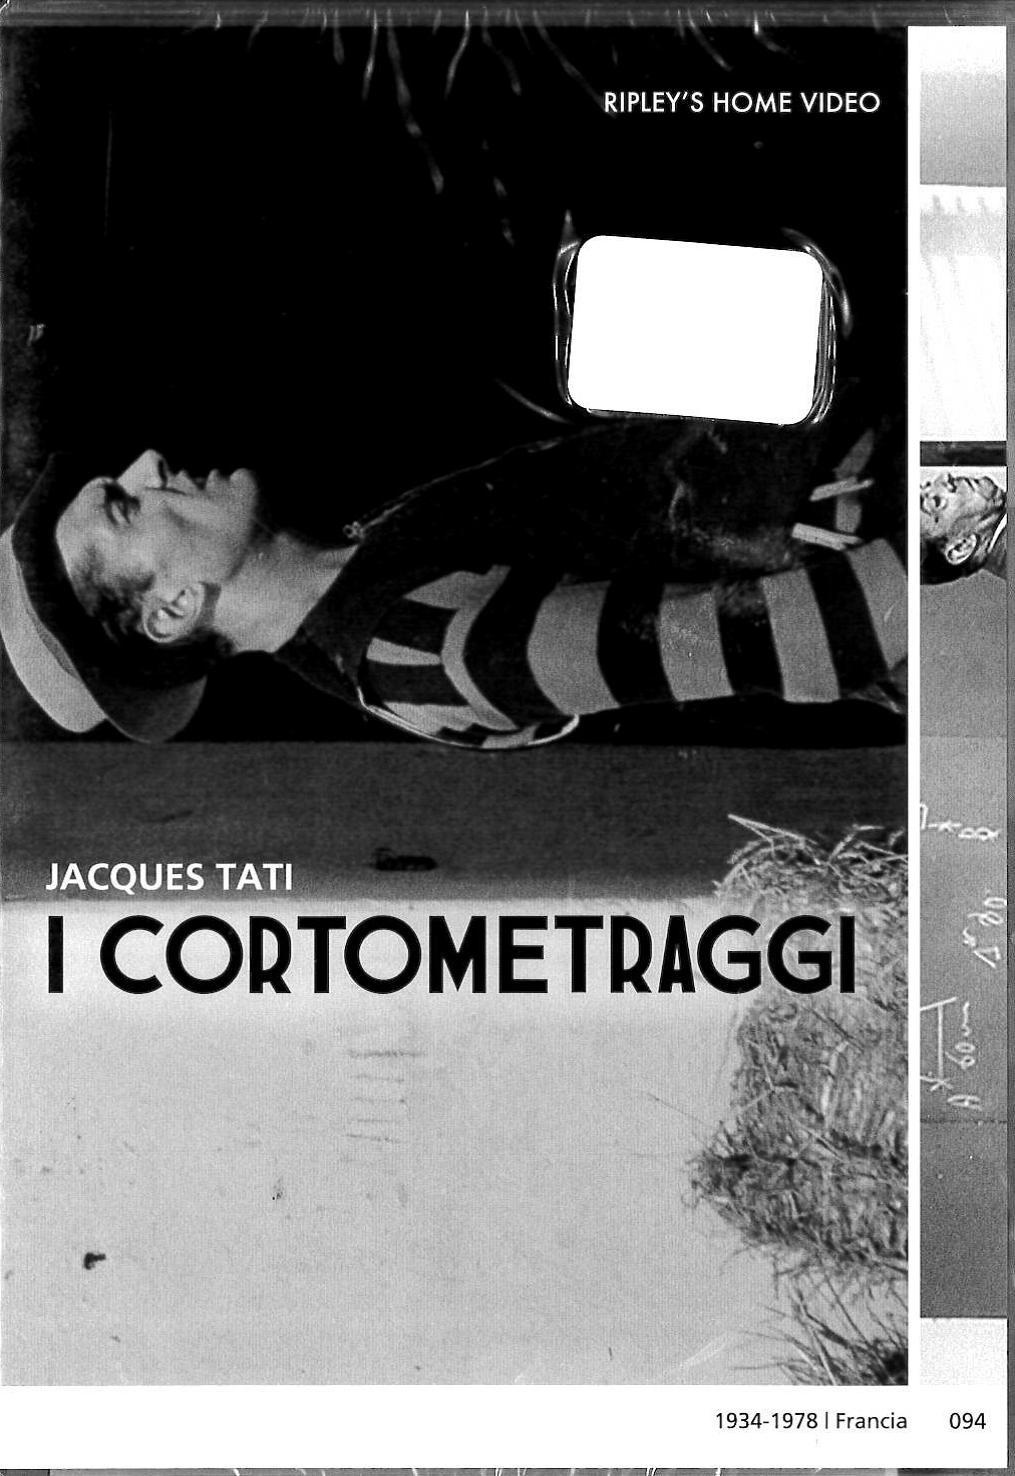 JACQUES TATI - I CORTOMETRAGGI (DVD)